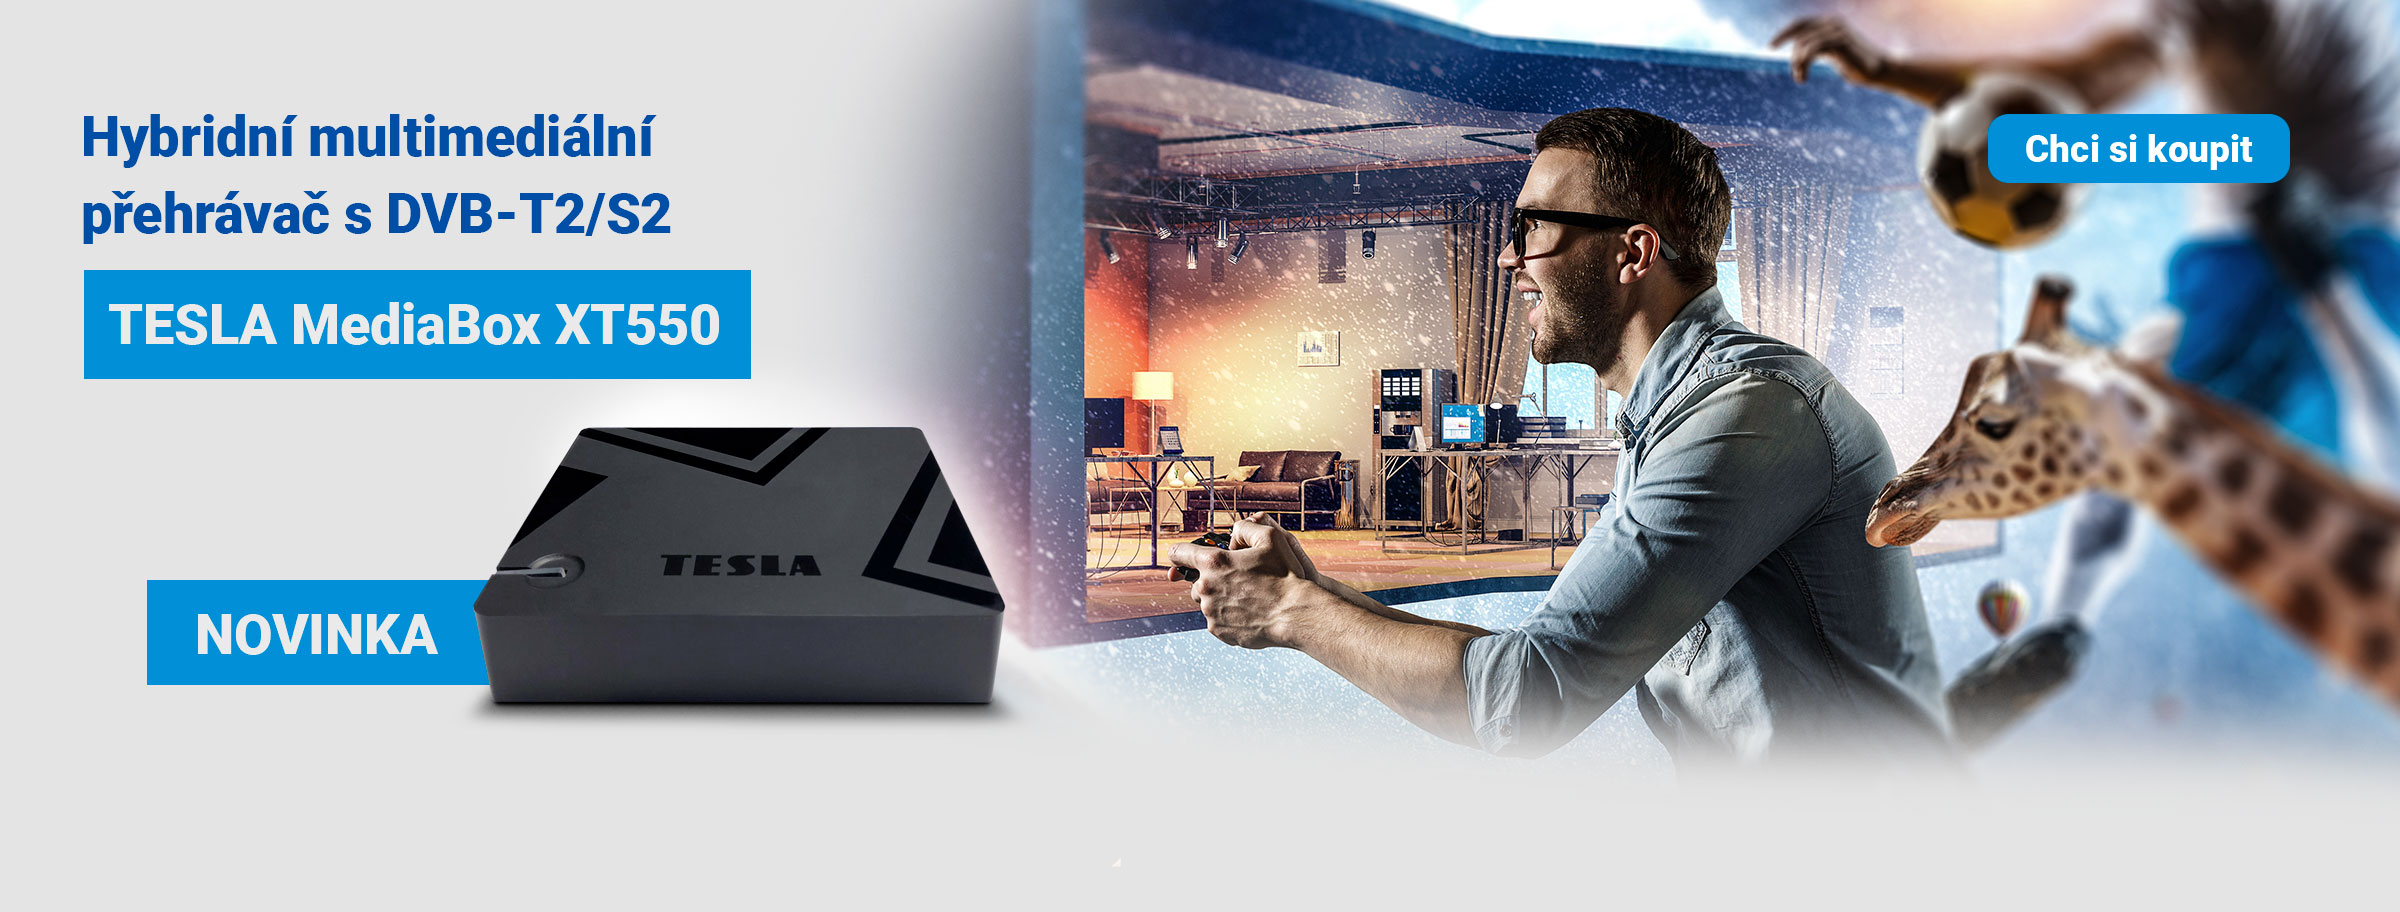 Novinka: TESLA MediaBox XT550 - hybridní multimediální přehrávač s DVB‒T2/S2